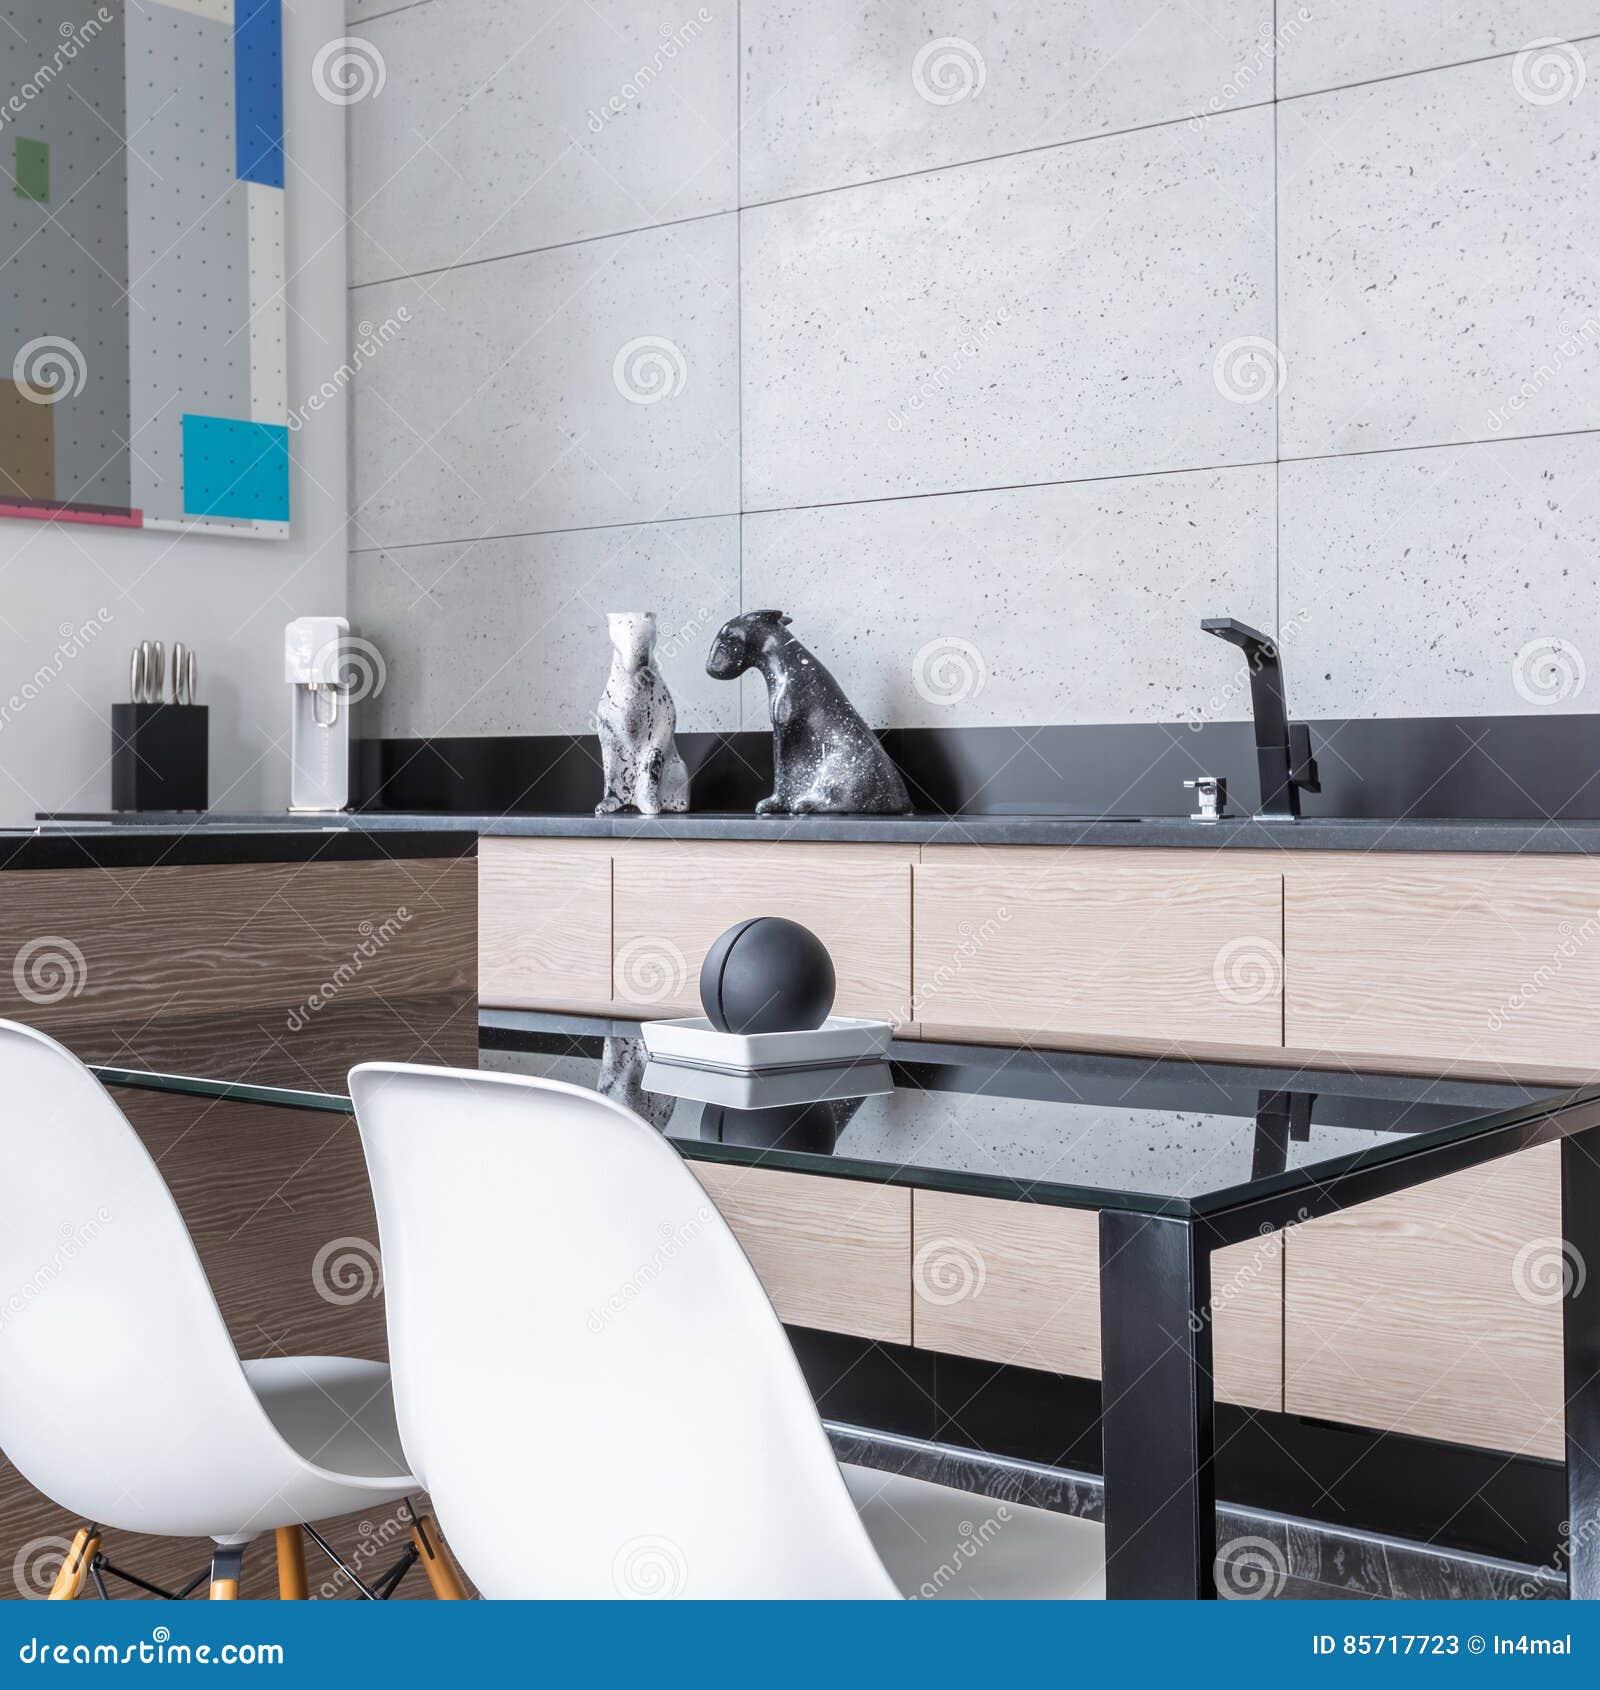 Kuchnia Z Wyspa I Stolem Obraz Stock Obraz Zlozonej Z Architektury